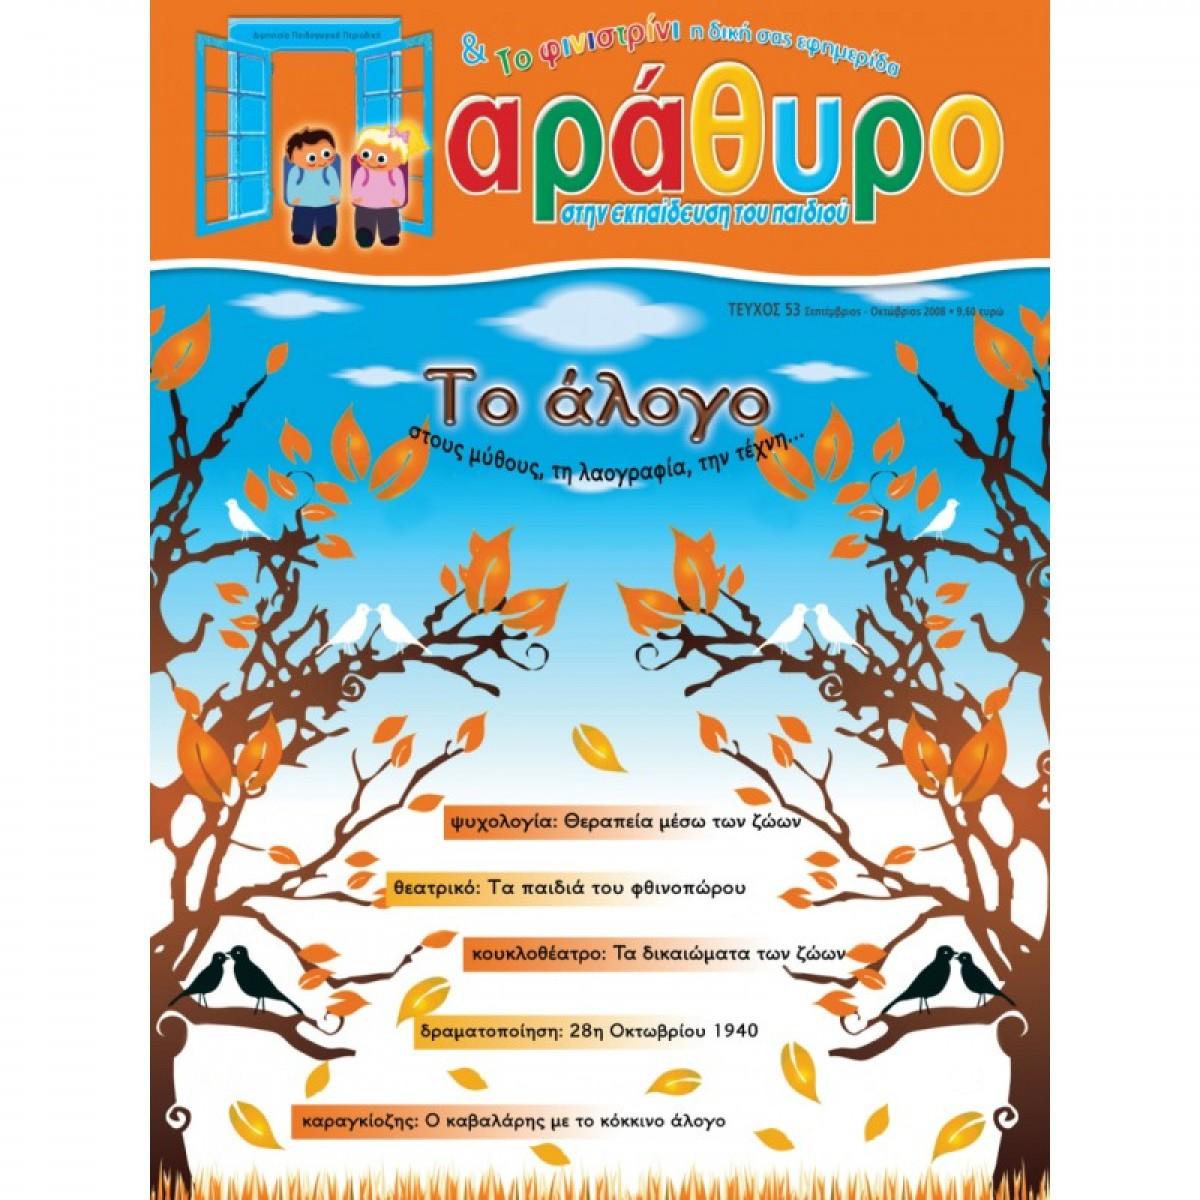 ΠΑΡΑΘΥΡΟ ΤΕΥΧΟΣ 53 Περιοδικό Παράθυρο